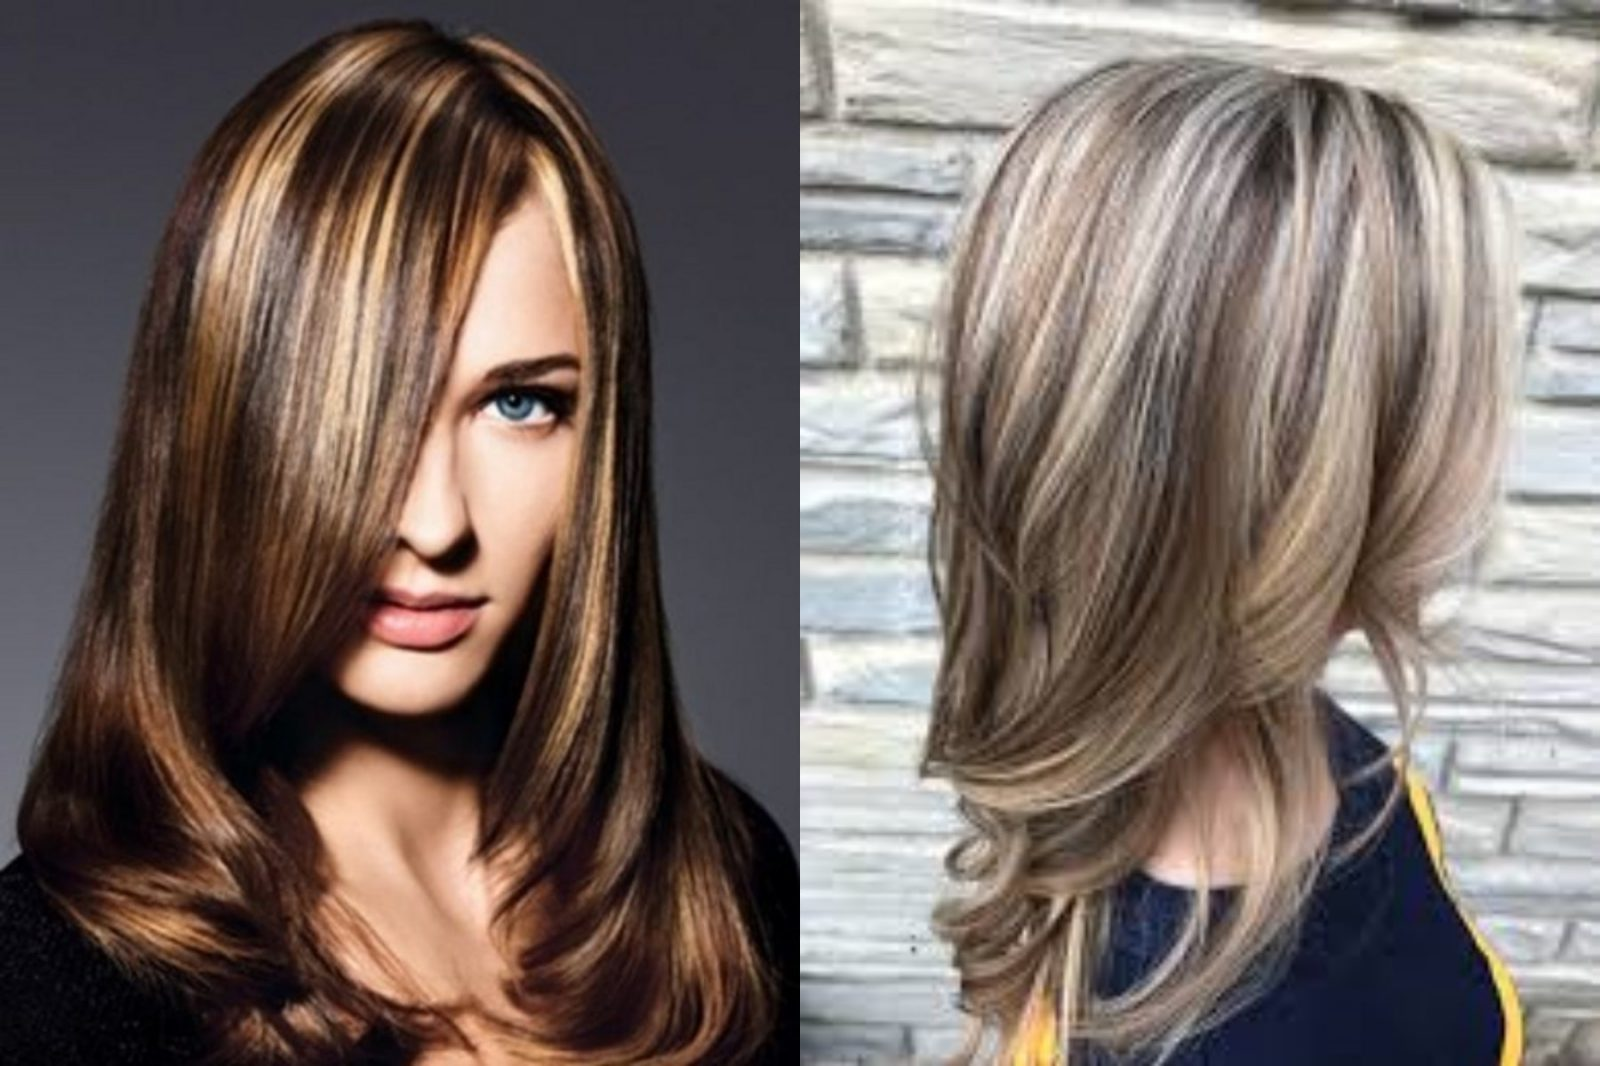 Колорирование волос на русые волосы (70 фото): колорирование на пряди средней длины, короткие и длинные волосы. какие оттенки выбрать для светло- и темно-русых волос?